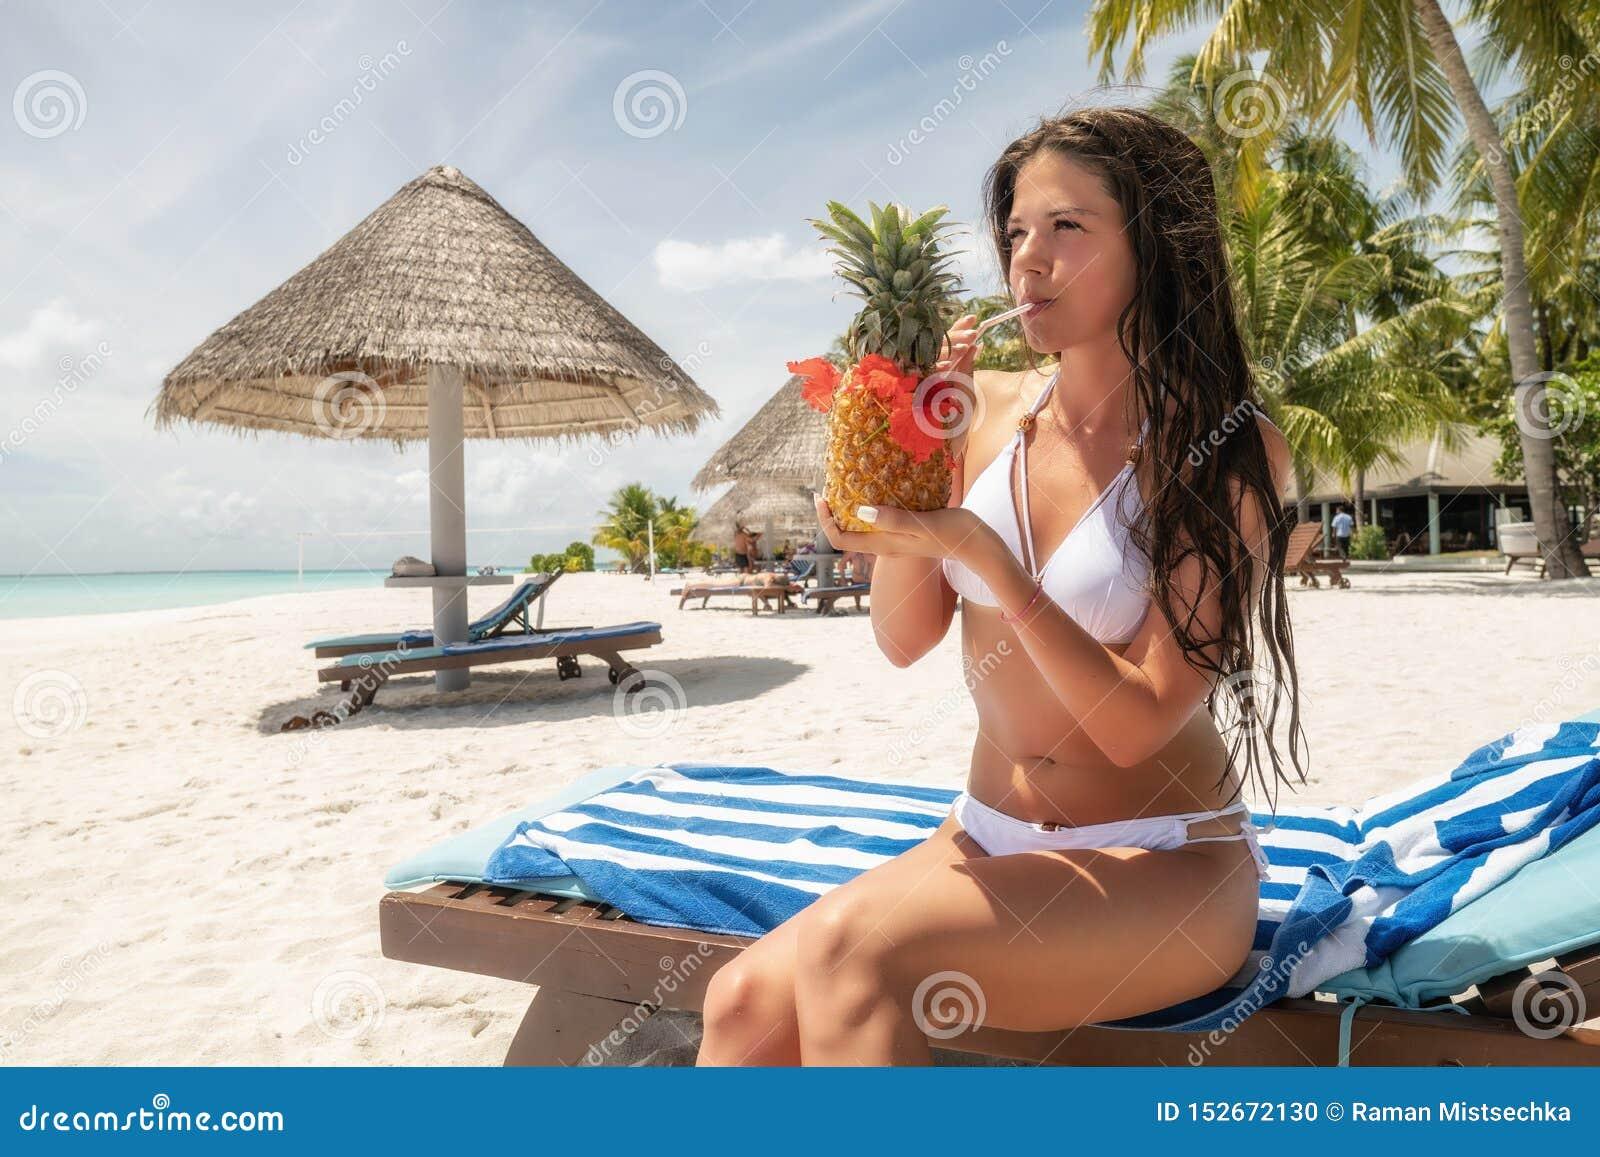 Brunetka w białym kostiumu kąpielowym siedzi na lounger i pije Pina Colada koktajl w ananasie